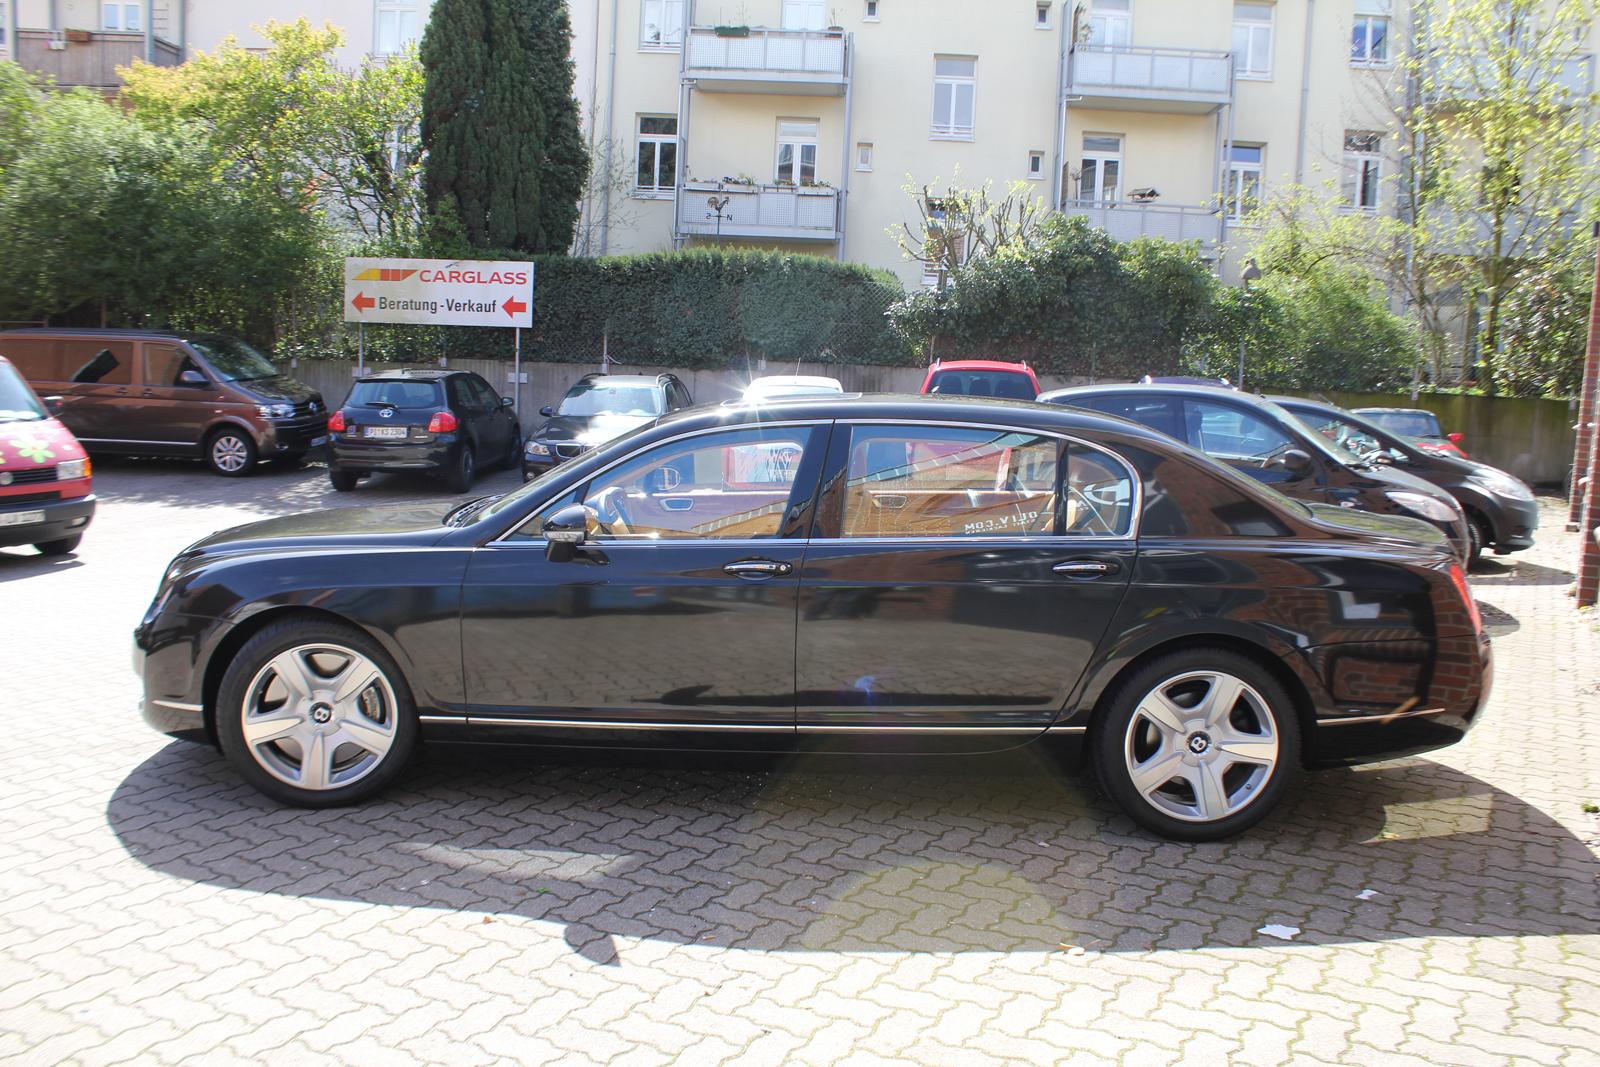 Seitenansicht des Bentley Continental mit Folie in schwarz metallic glanz beklebt